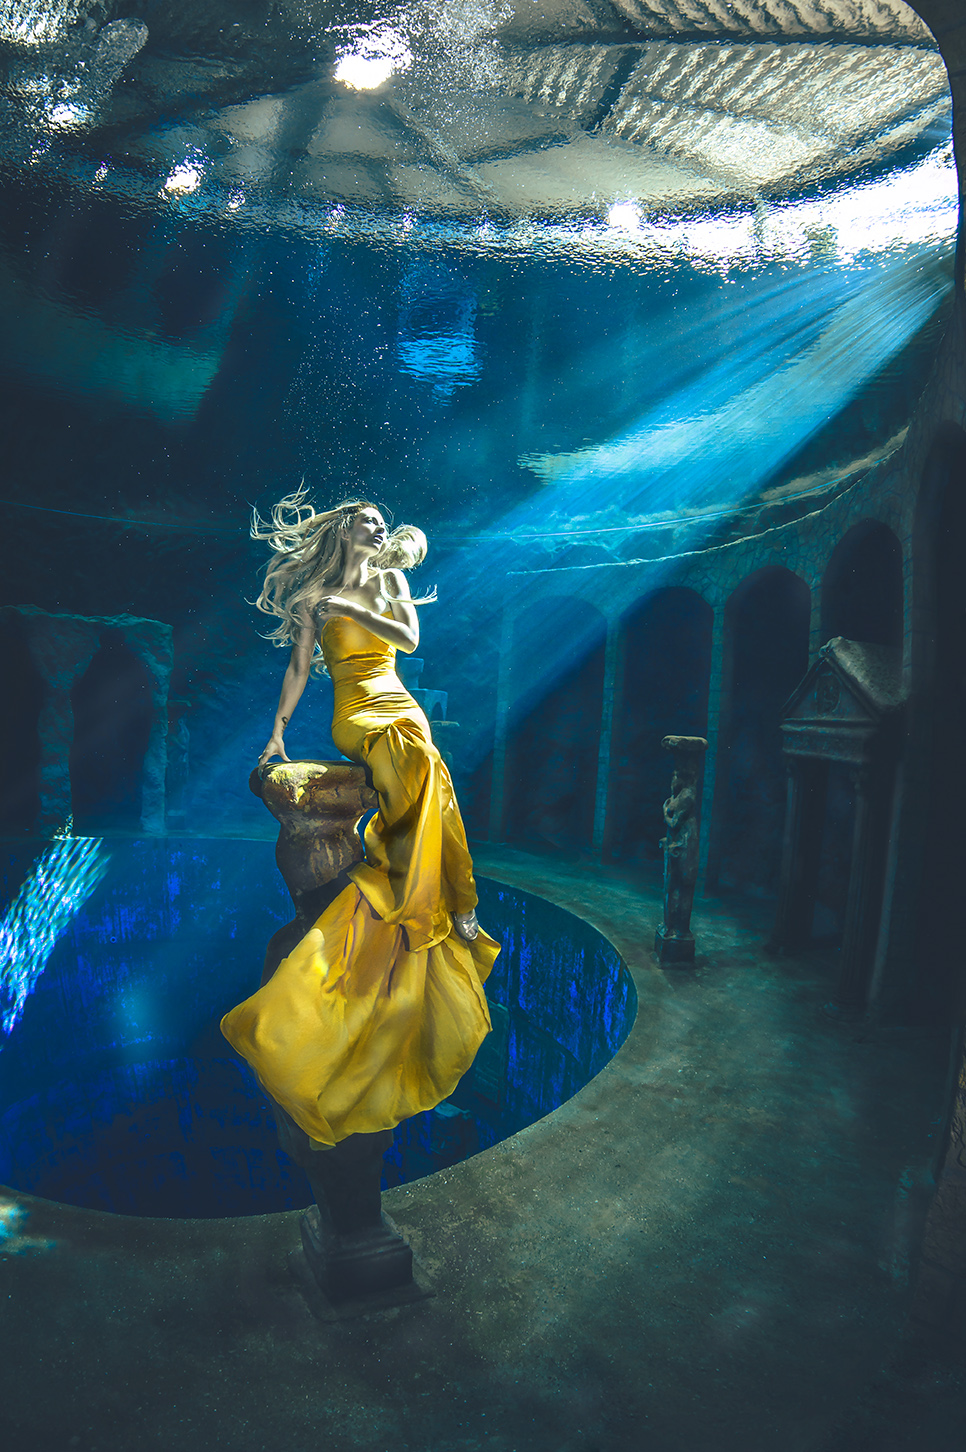 (C) Fotograf: Konstantin Killer, Model: Katrin Gray, Unterwasser Shooting